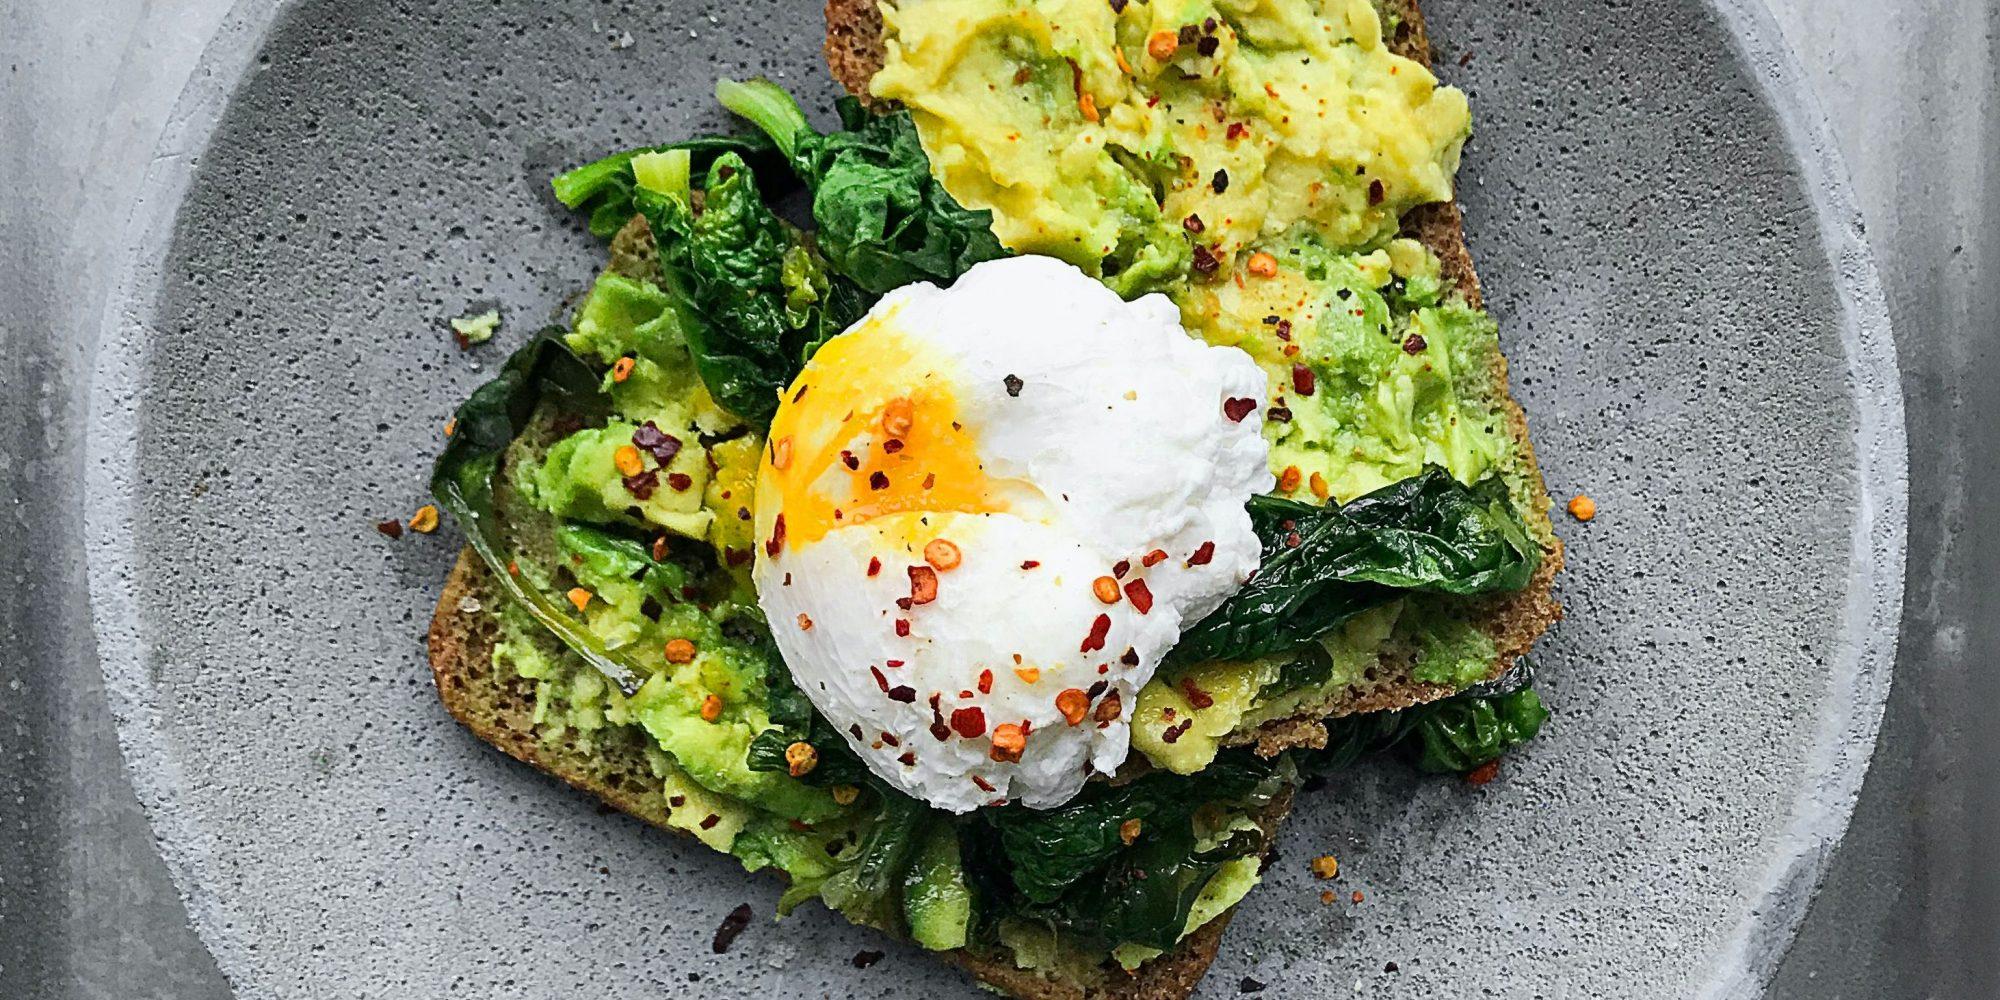 5 ιδέες για υγιεινό πρωινό για εσένα που βιάζεσαι να πας στο γραφείο Πολλές από αυτές χρειάζονται μόνο λίγα λεπτά για να προετοιμαστούν, άλλες μπορείς να της φτιάξεις από το προηγούμενο βράδυ, όλες όμως είναι νόστιμες και υγιεινές και θα σε βοηθήσουν να παραμείνεις συγκεντρωμένη και παραγωγική στη δουλειά.